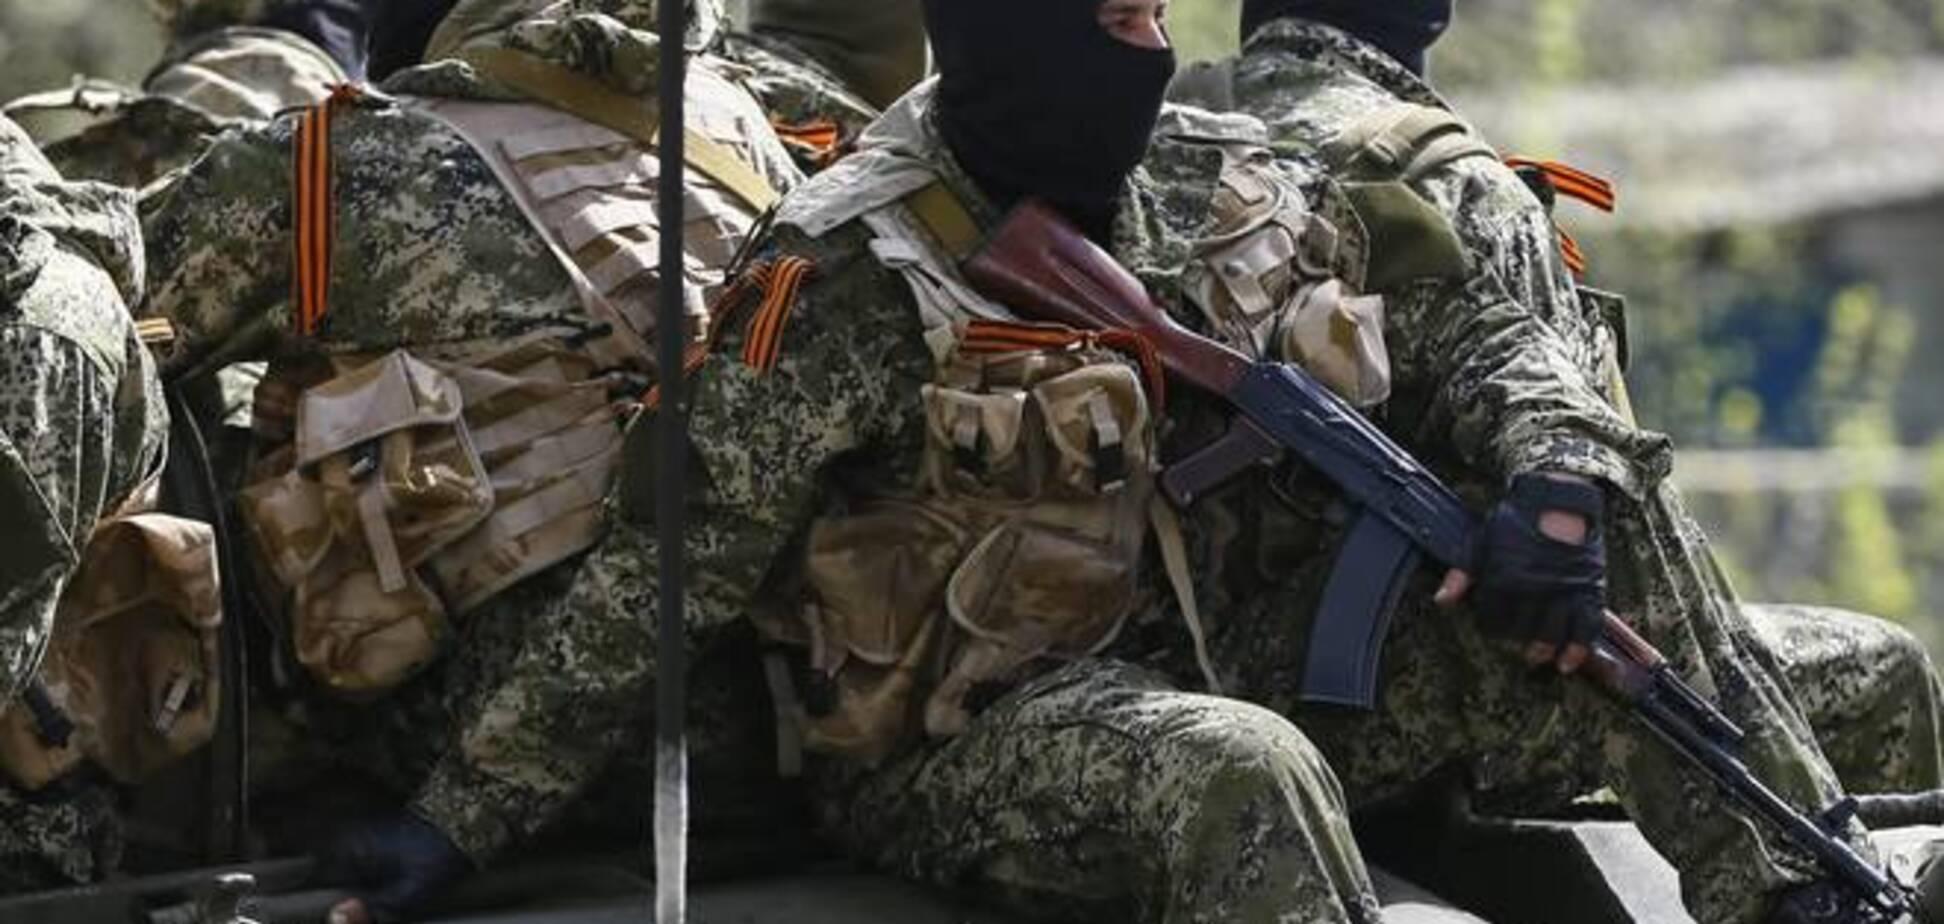 На Луганщину прибыло 200 вооруженных диверсантов из Краснодара и Казахстана - СМИ